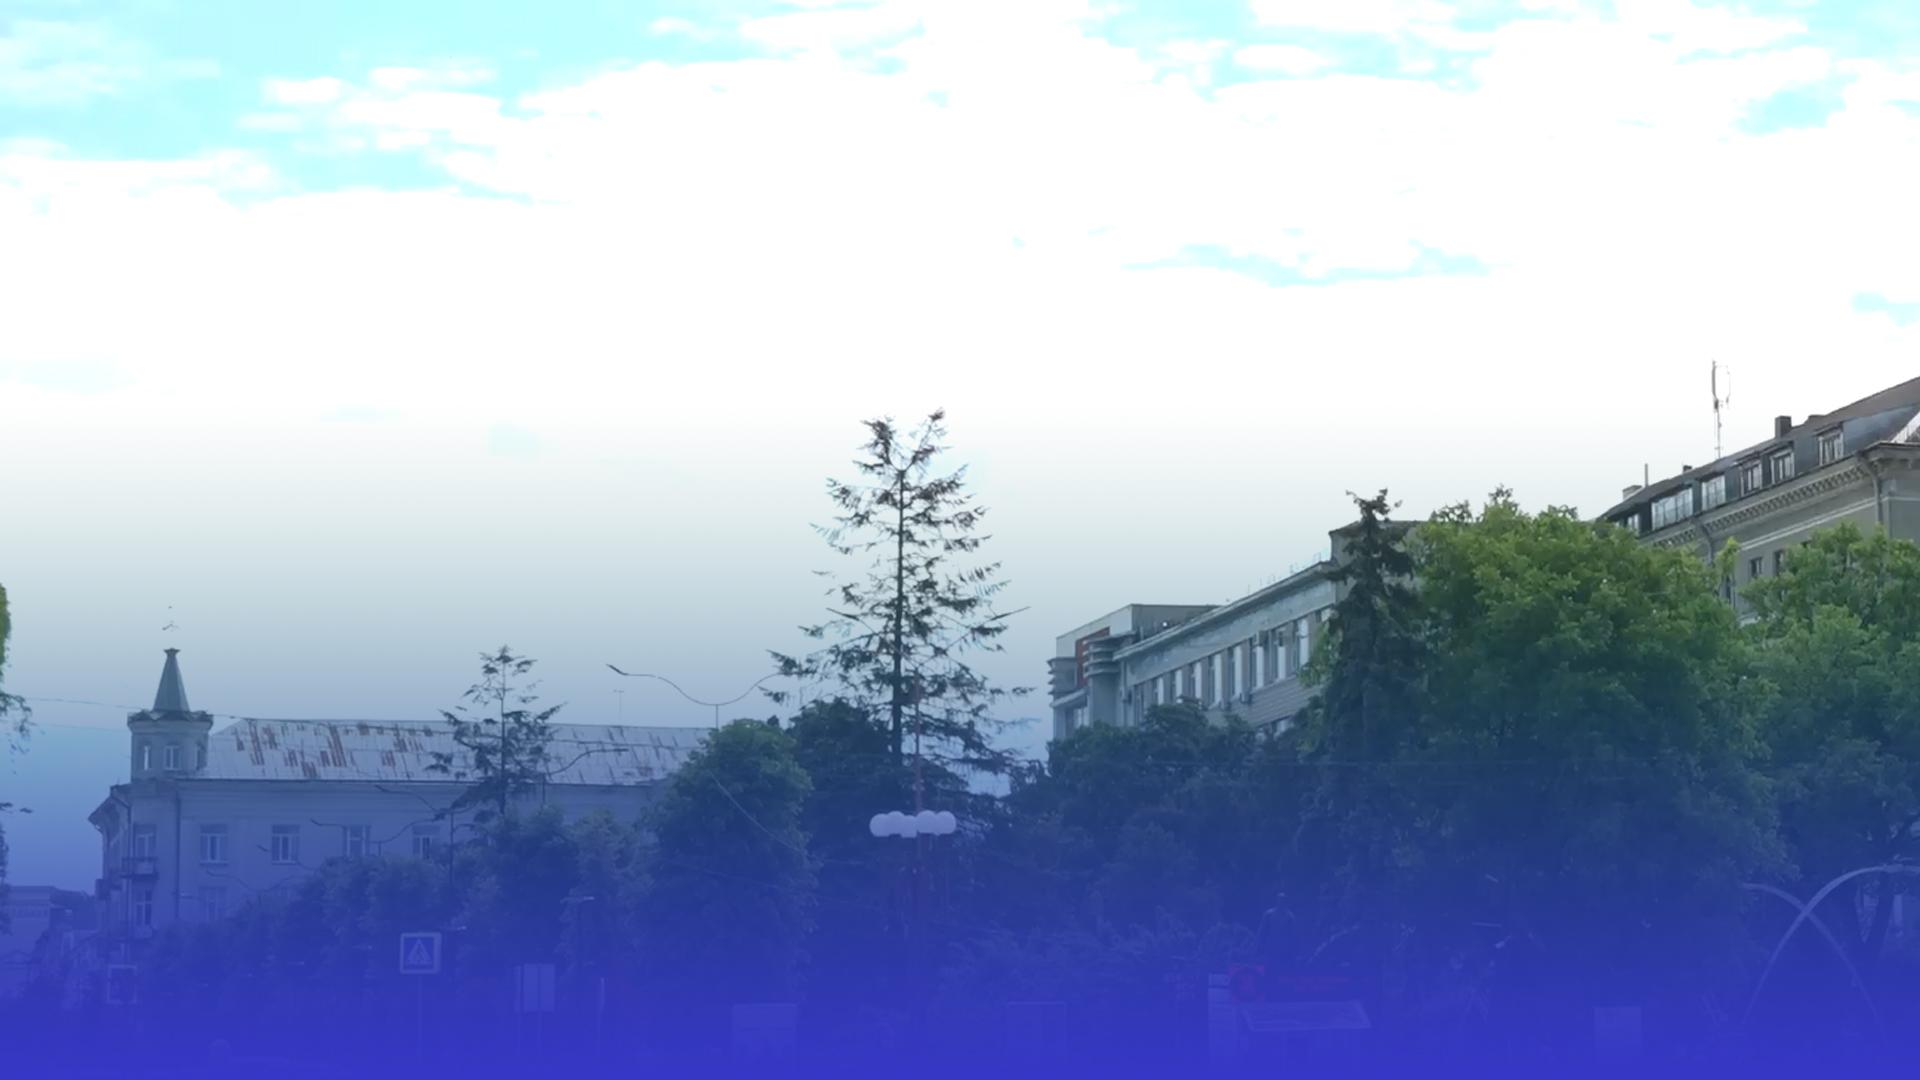 Спека чи дощі у червні: про погоду на Тернопільщині розповіли синоптики